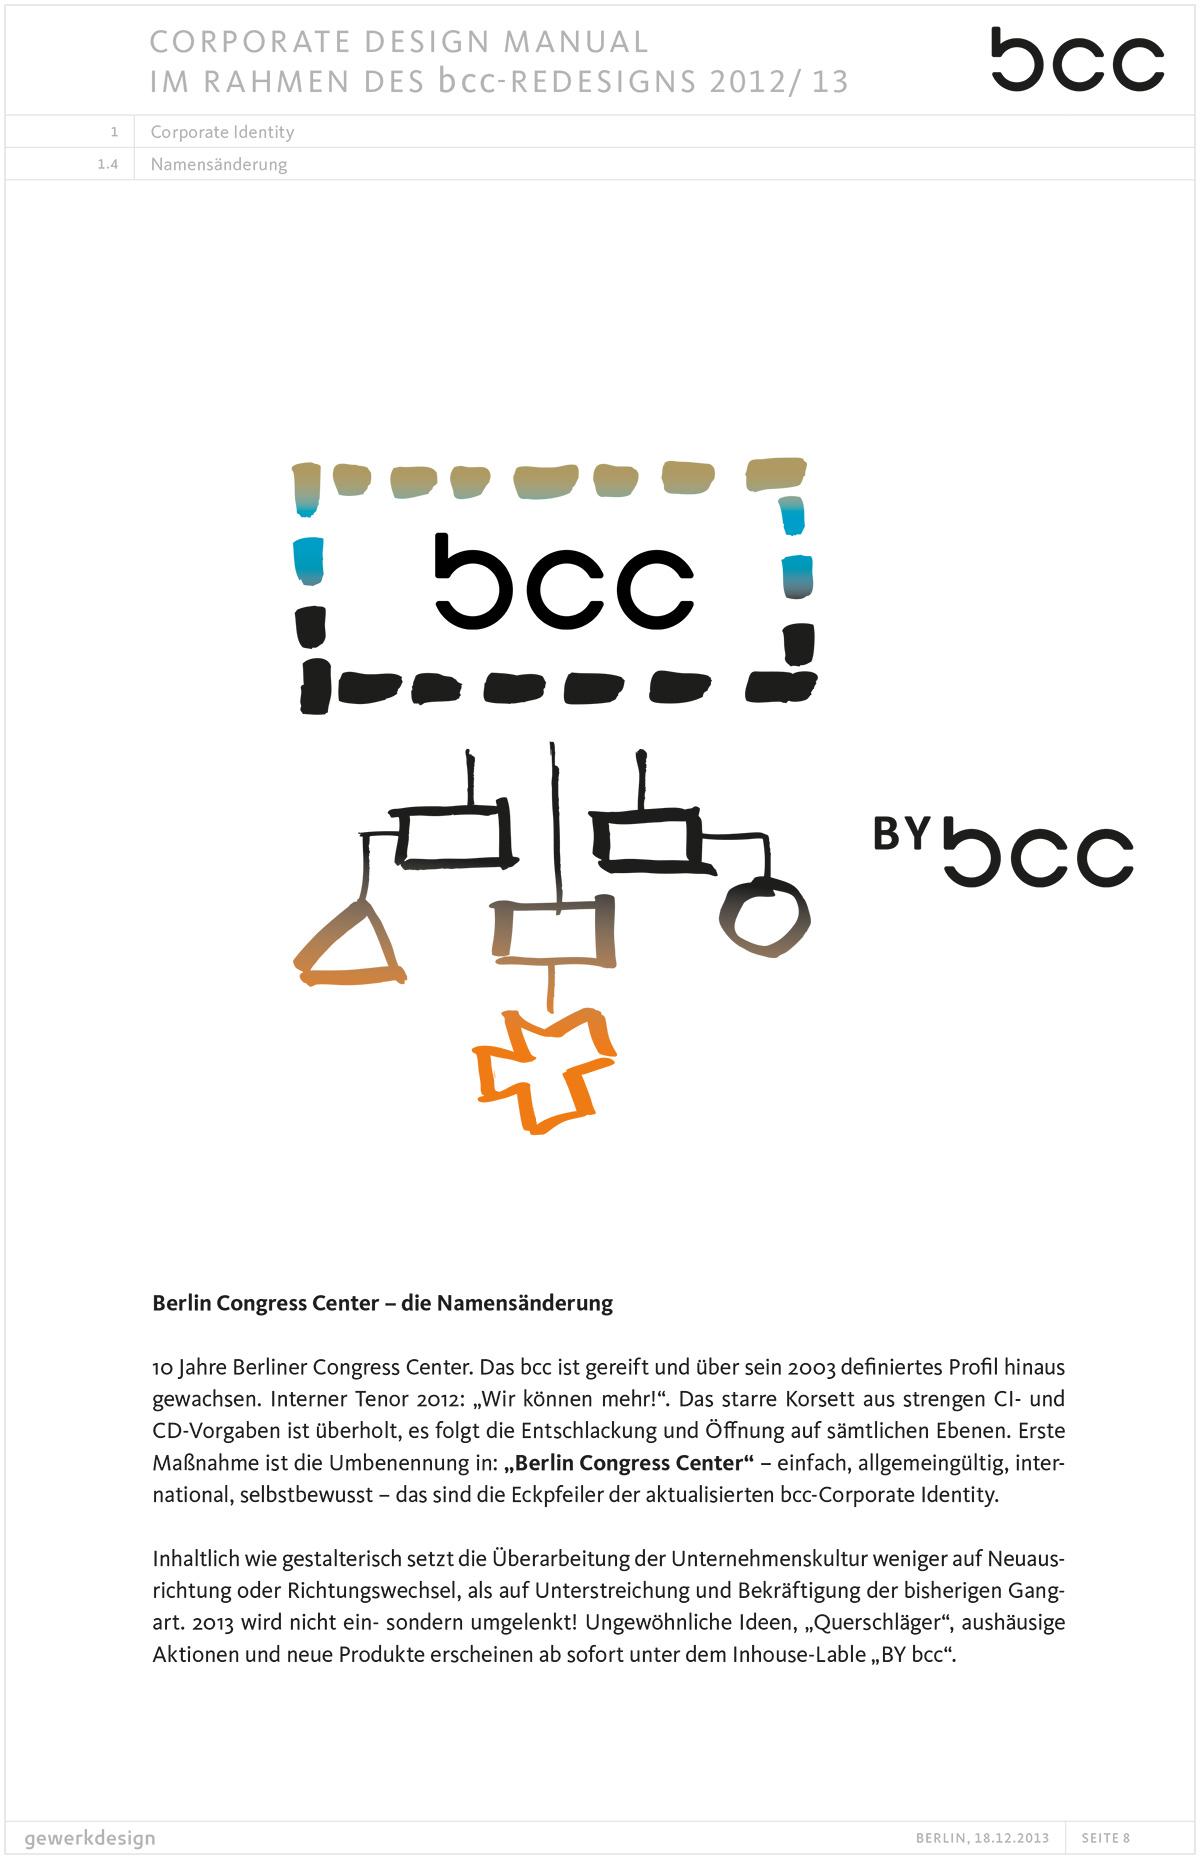 Konzeptskizze der Marken